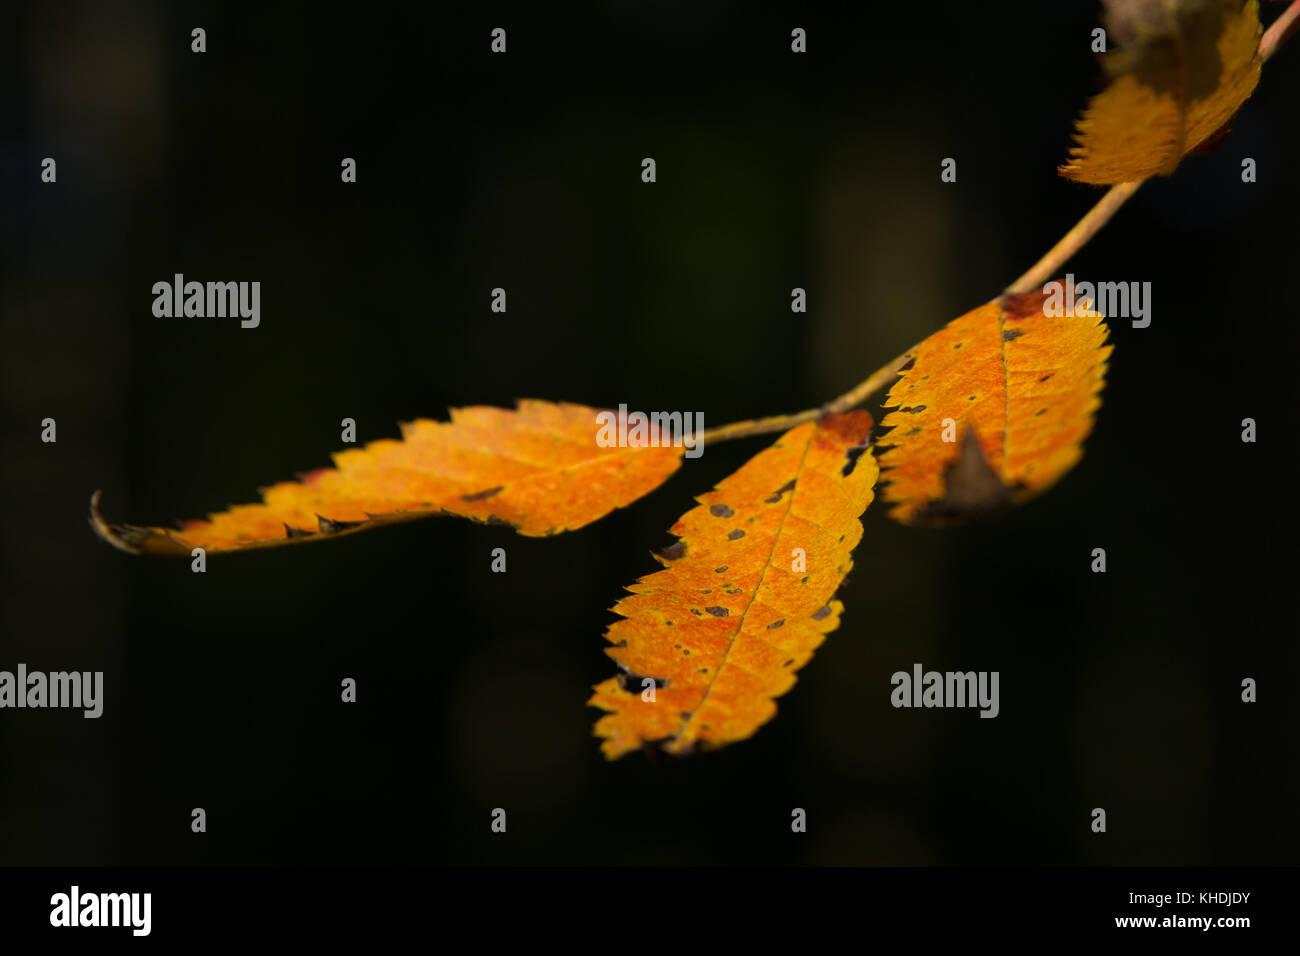 Zweig mit Herbstlaub - Stock Image